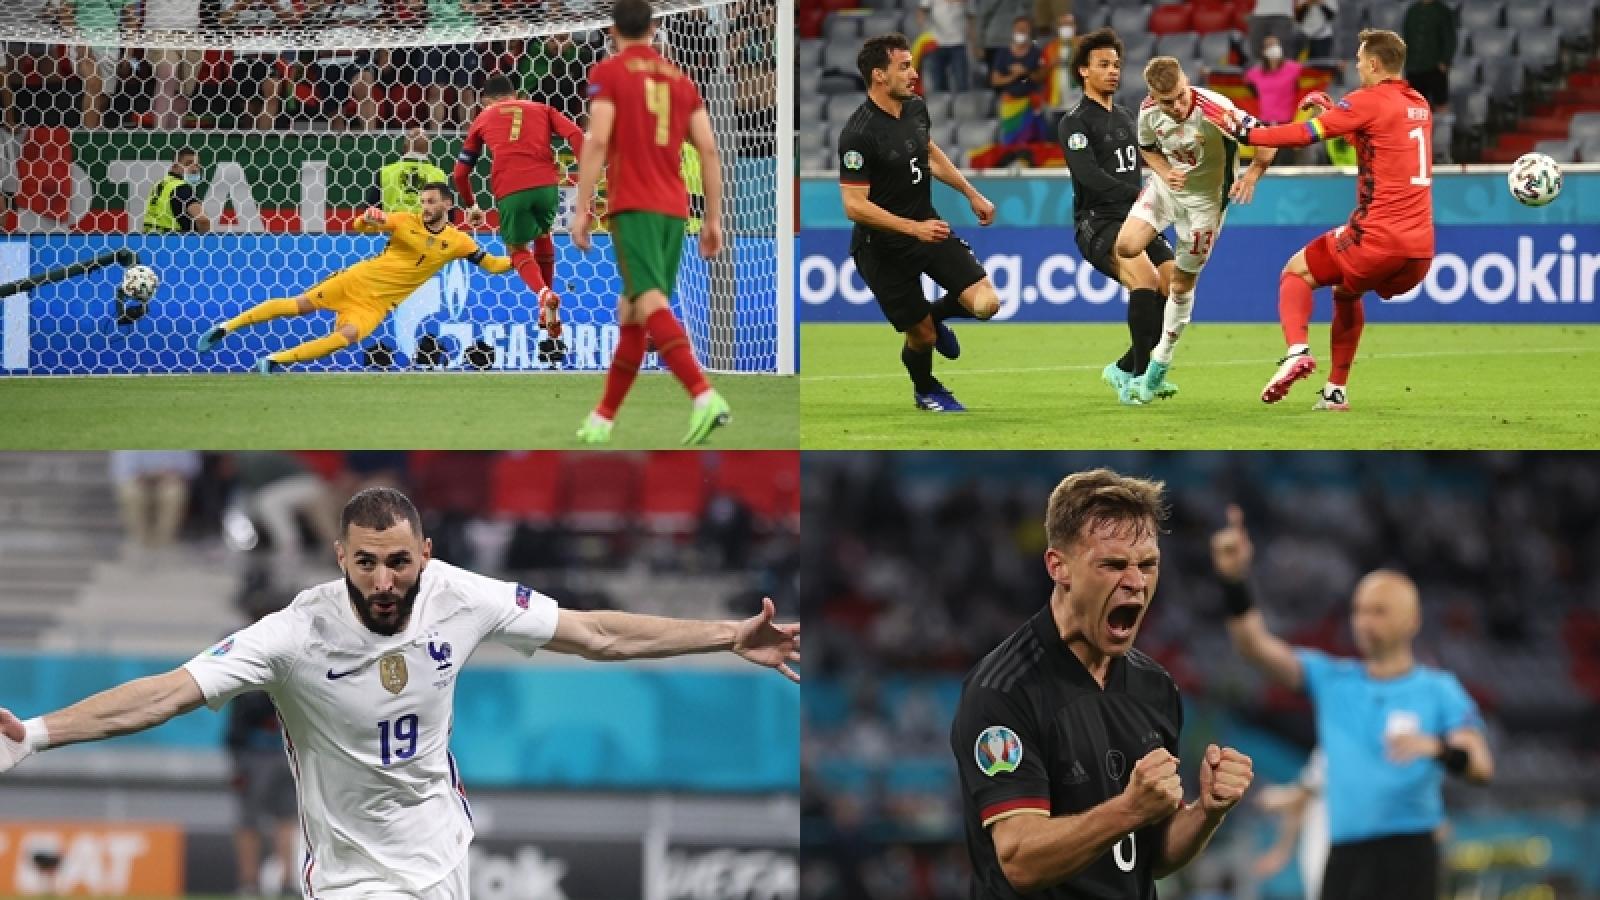 """Những diễn biến """"điên rồ"""" giúp Bồ Đào Nha và Đức vượt qua bảng tử thần"""